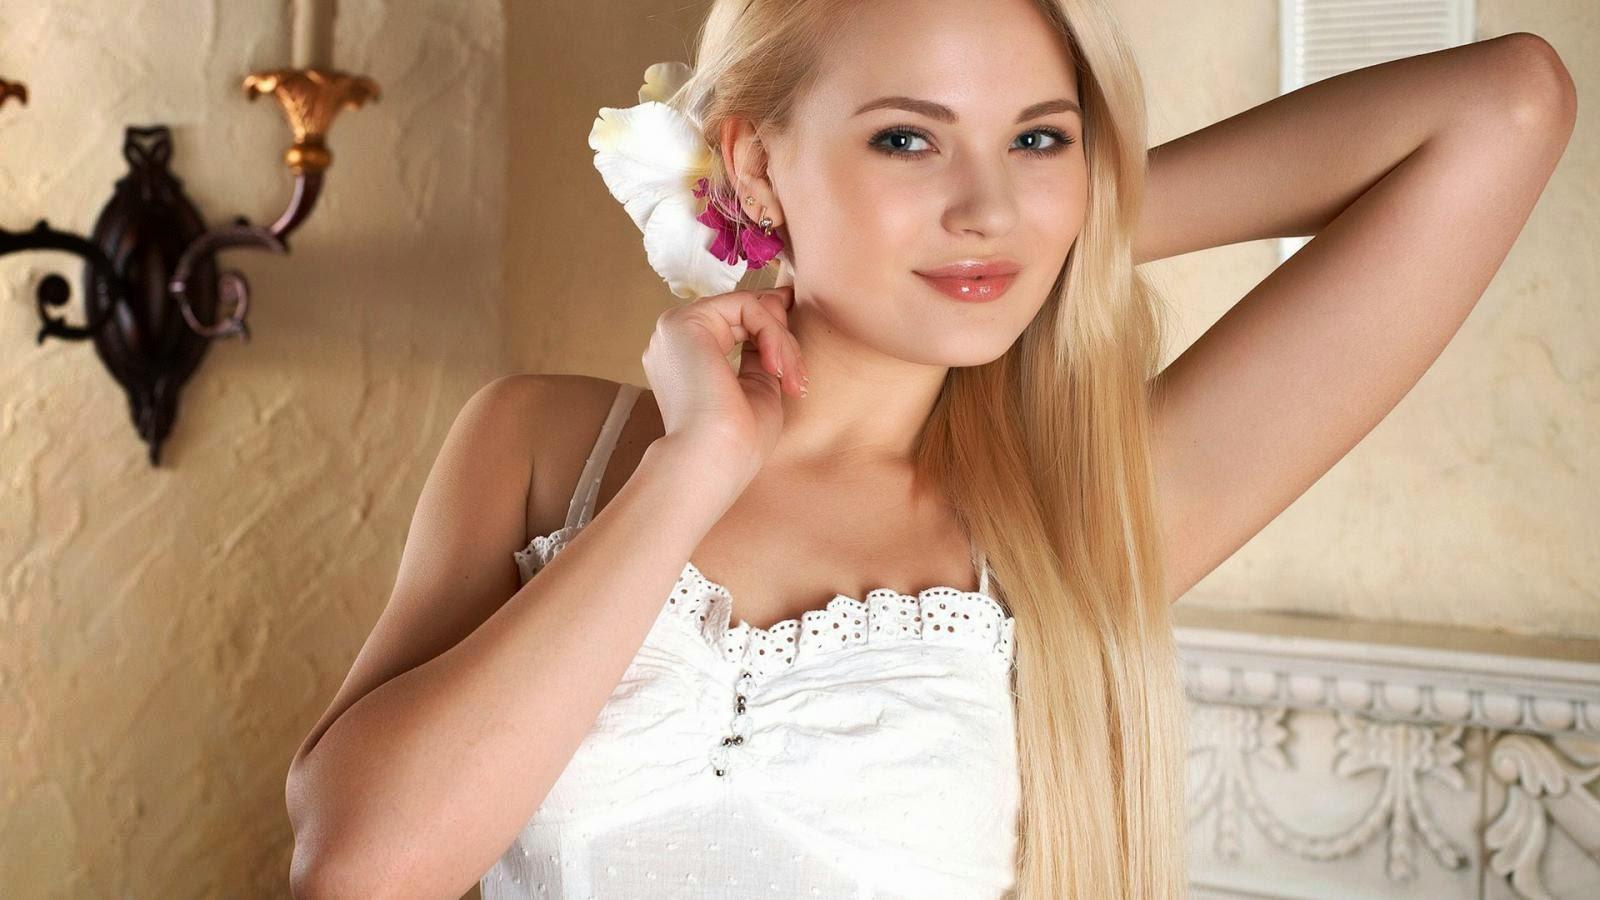 Фото русских молодых девушек, Молодая Русское домашнее ню фото 9 фотография